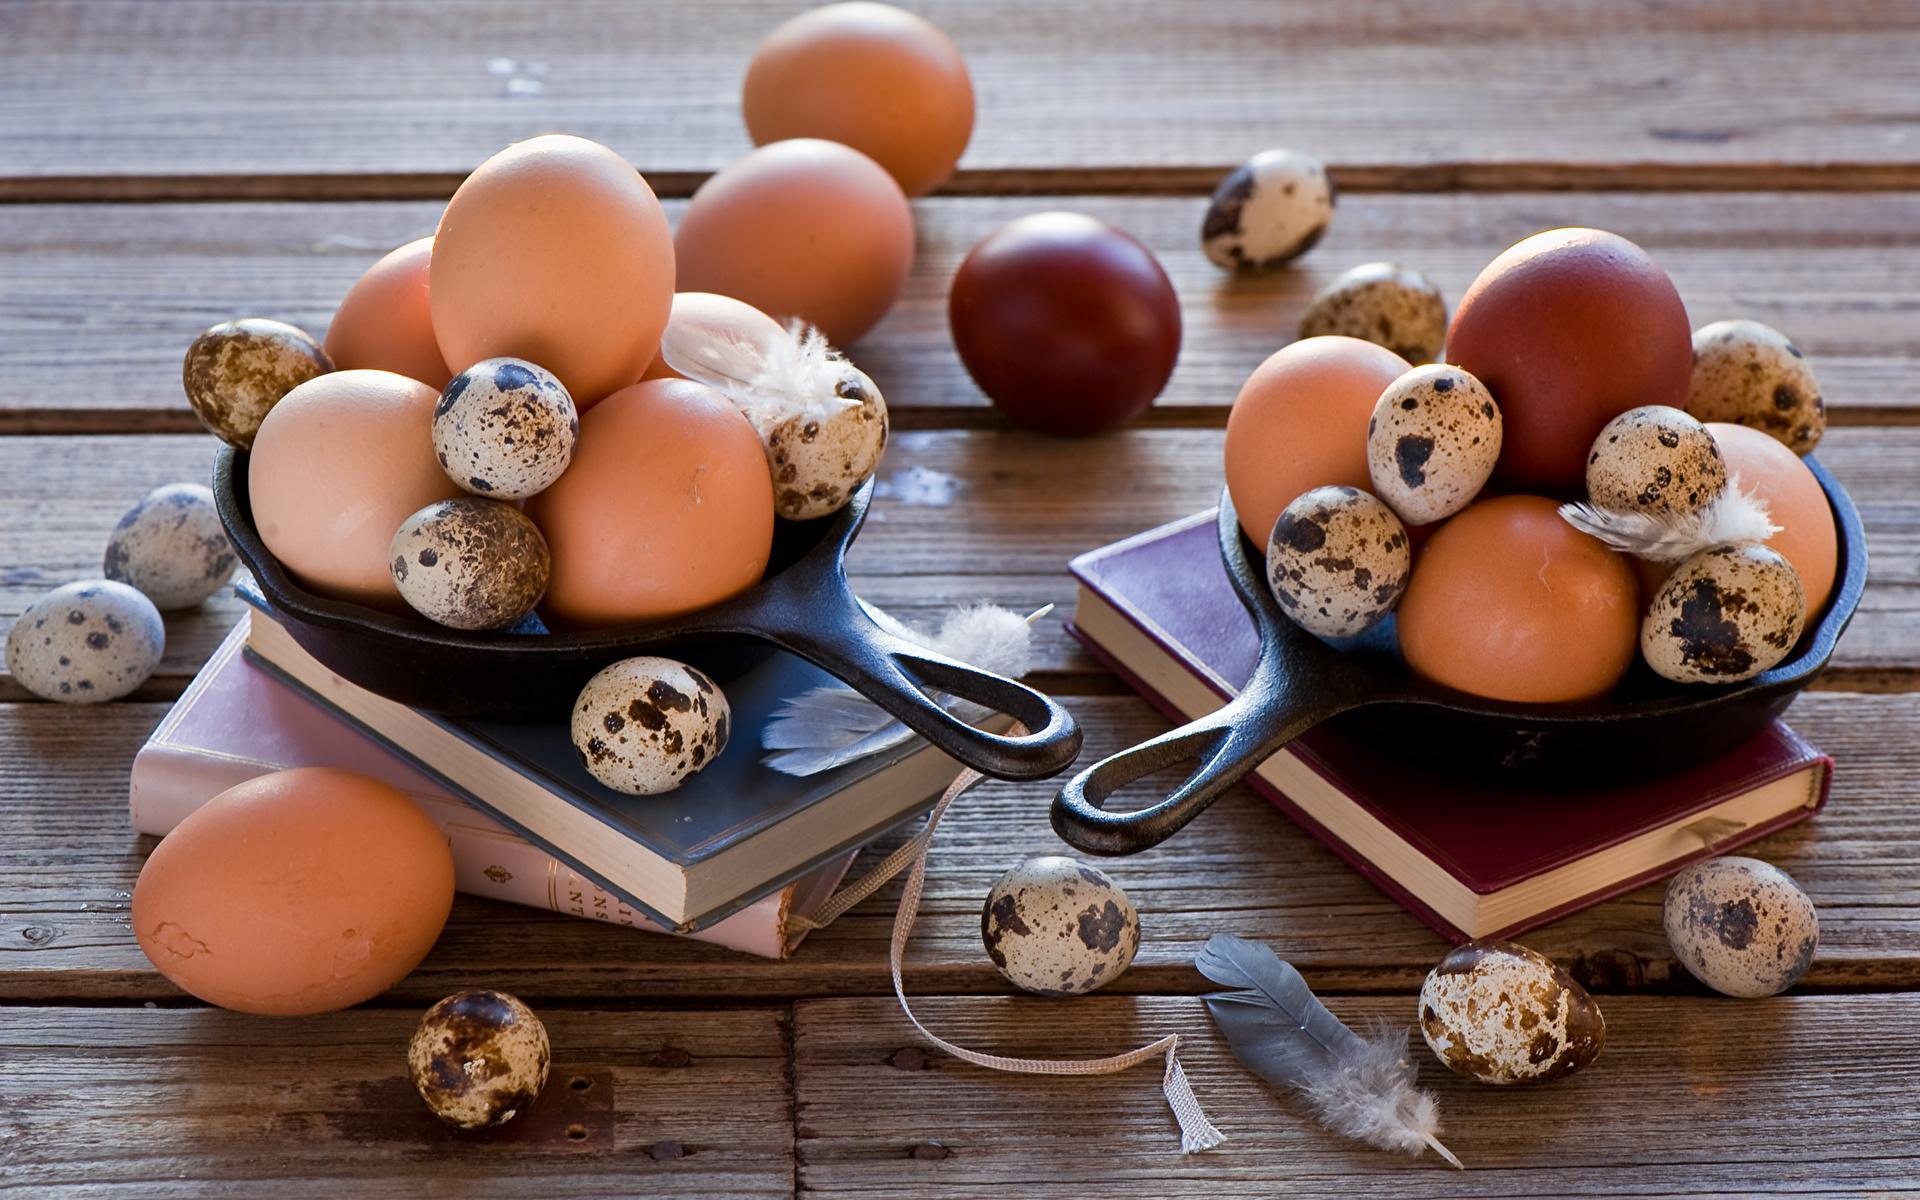 Яйца и их польза для организма человека